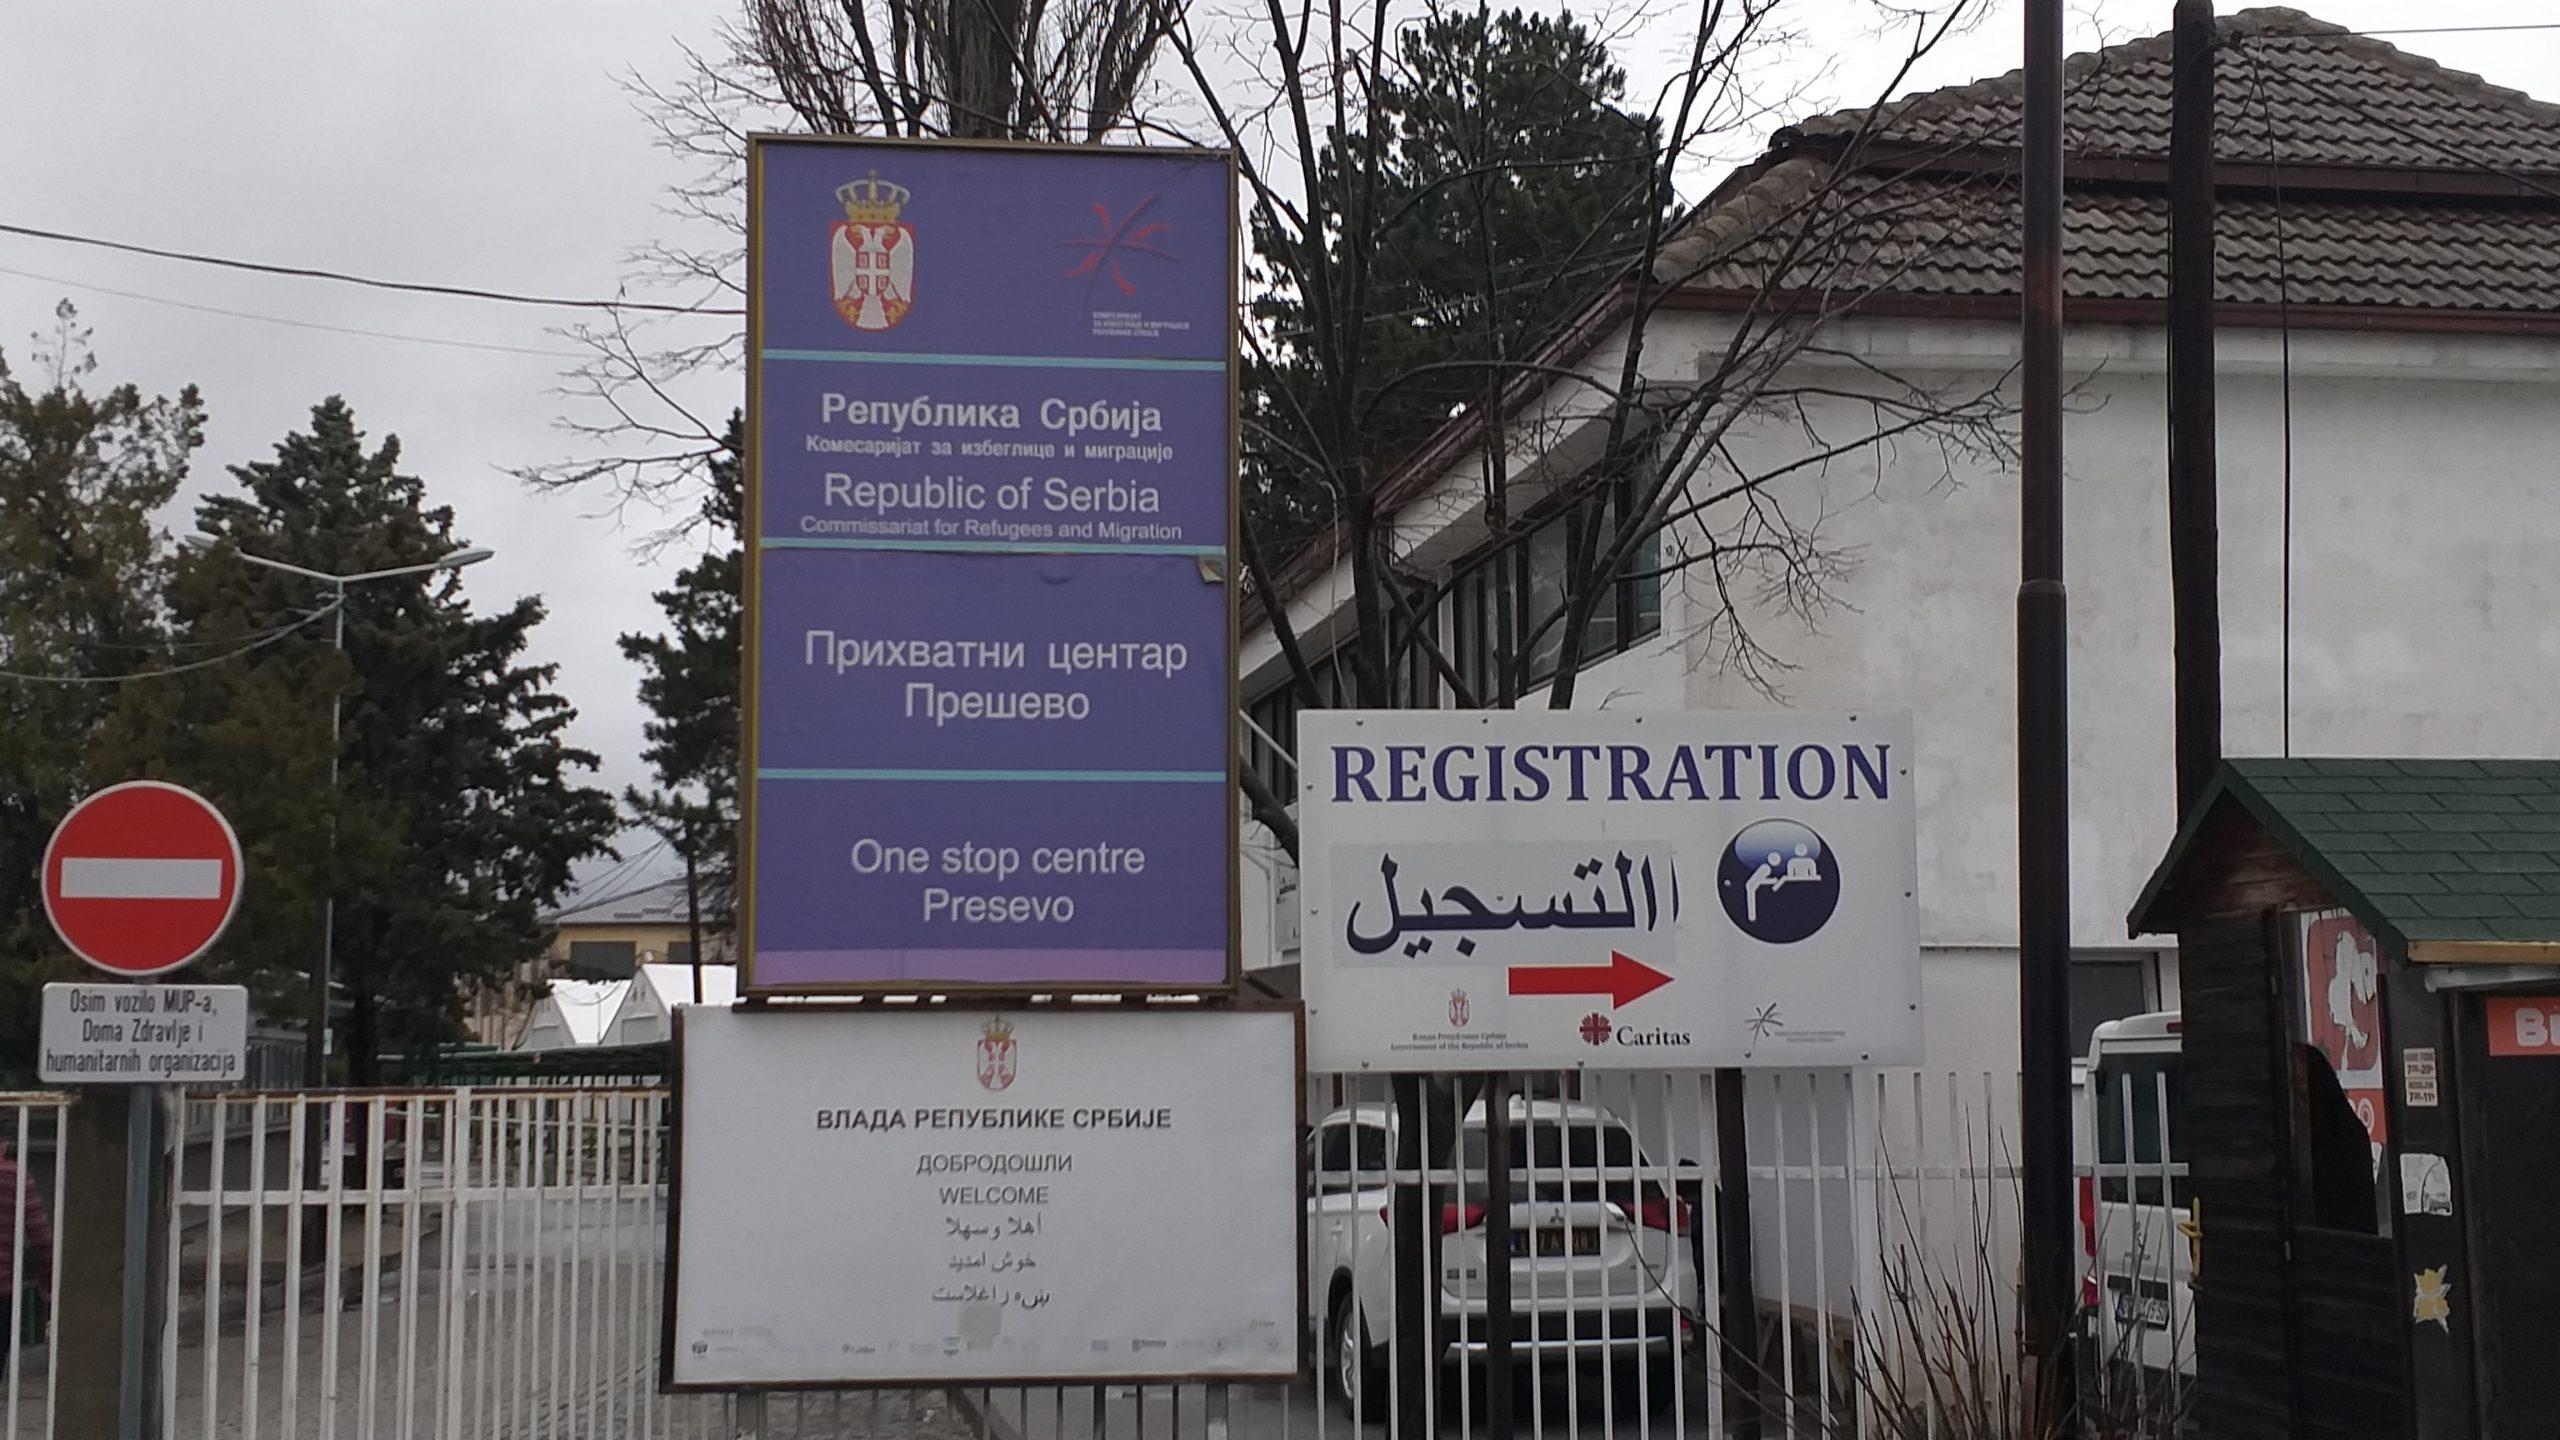 csapÁsra csapÁs: szerbiában gyorsan terjed a koronavírus, a migránsokat karanténba zárják CSAPÁSRA CSAPÁS: Szerbiában gyorsan terjed a koronavírus, a migránsokat karanténba zárják 20200304 171258 scaled